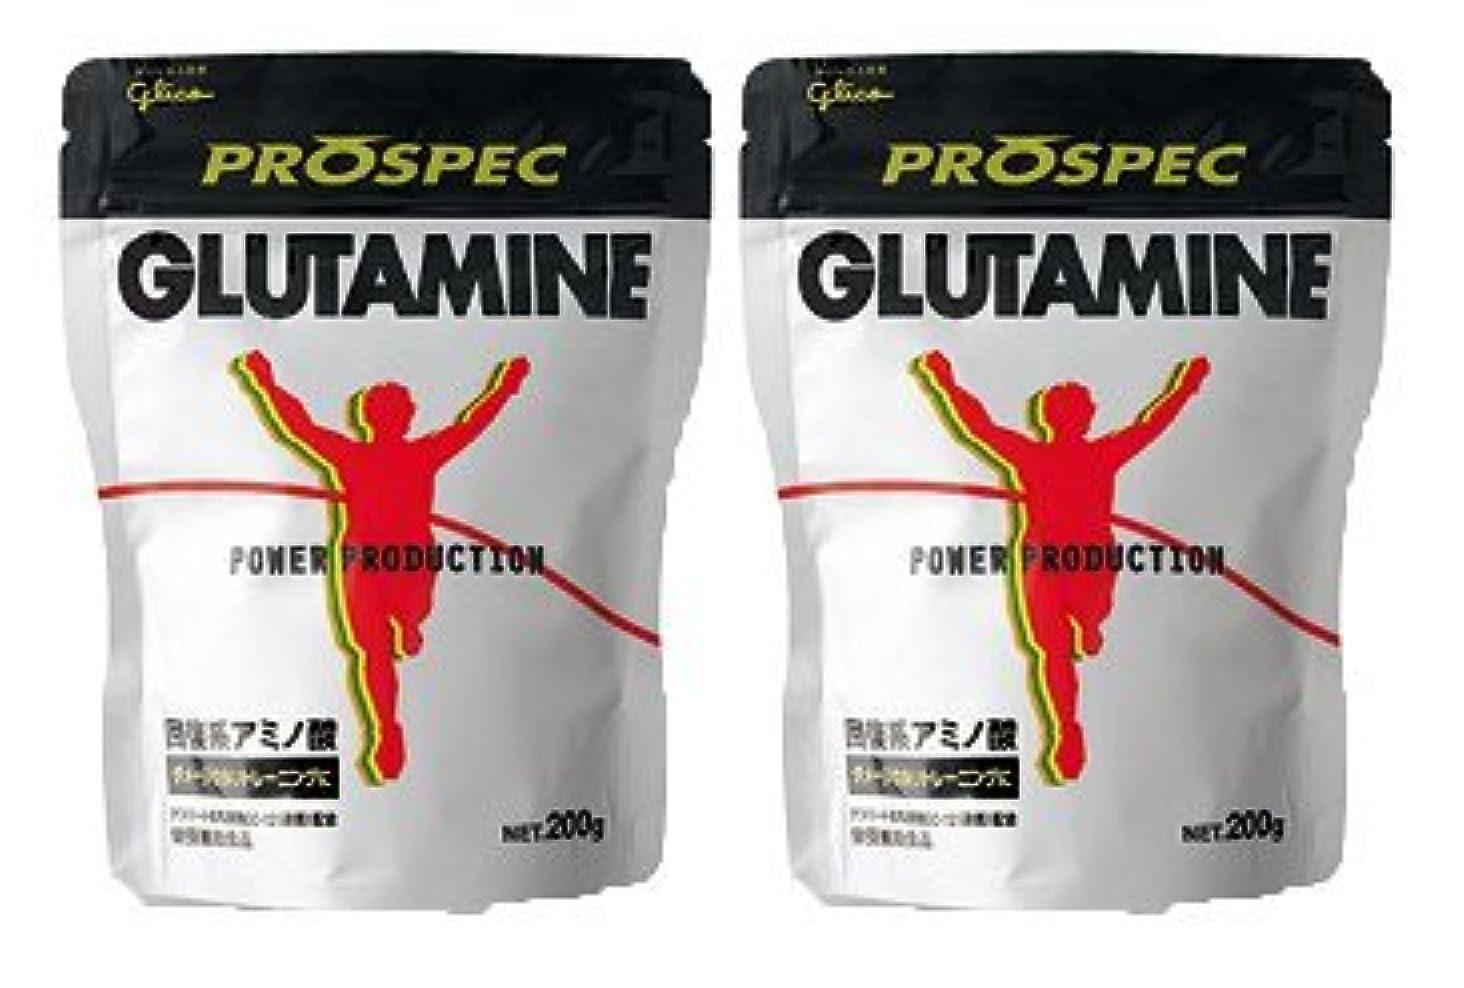 ボクシング解任通訳【2個セット】グリコ アミノ酸プロスペックグルタミンパウダー PROSUPEC GLUTAMINE 200g Glico